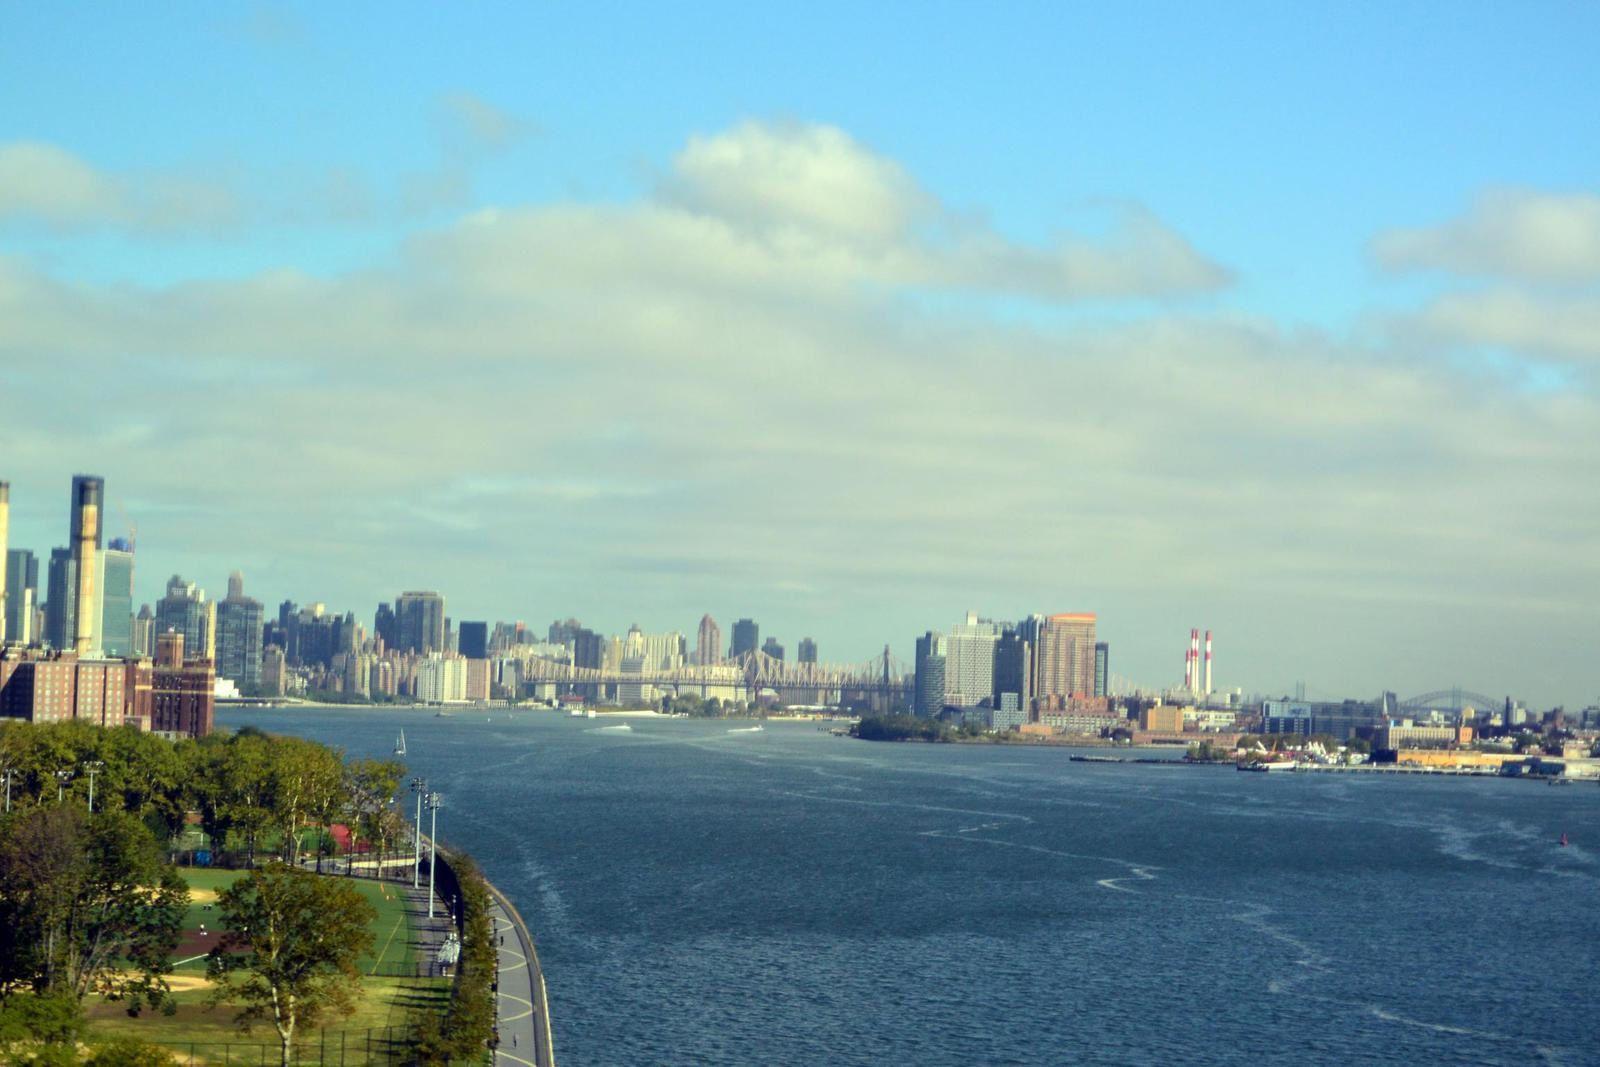 Voyage : Deux jours à New York en 2015